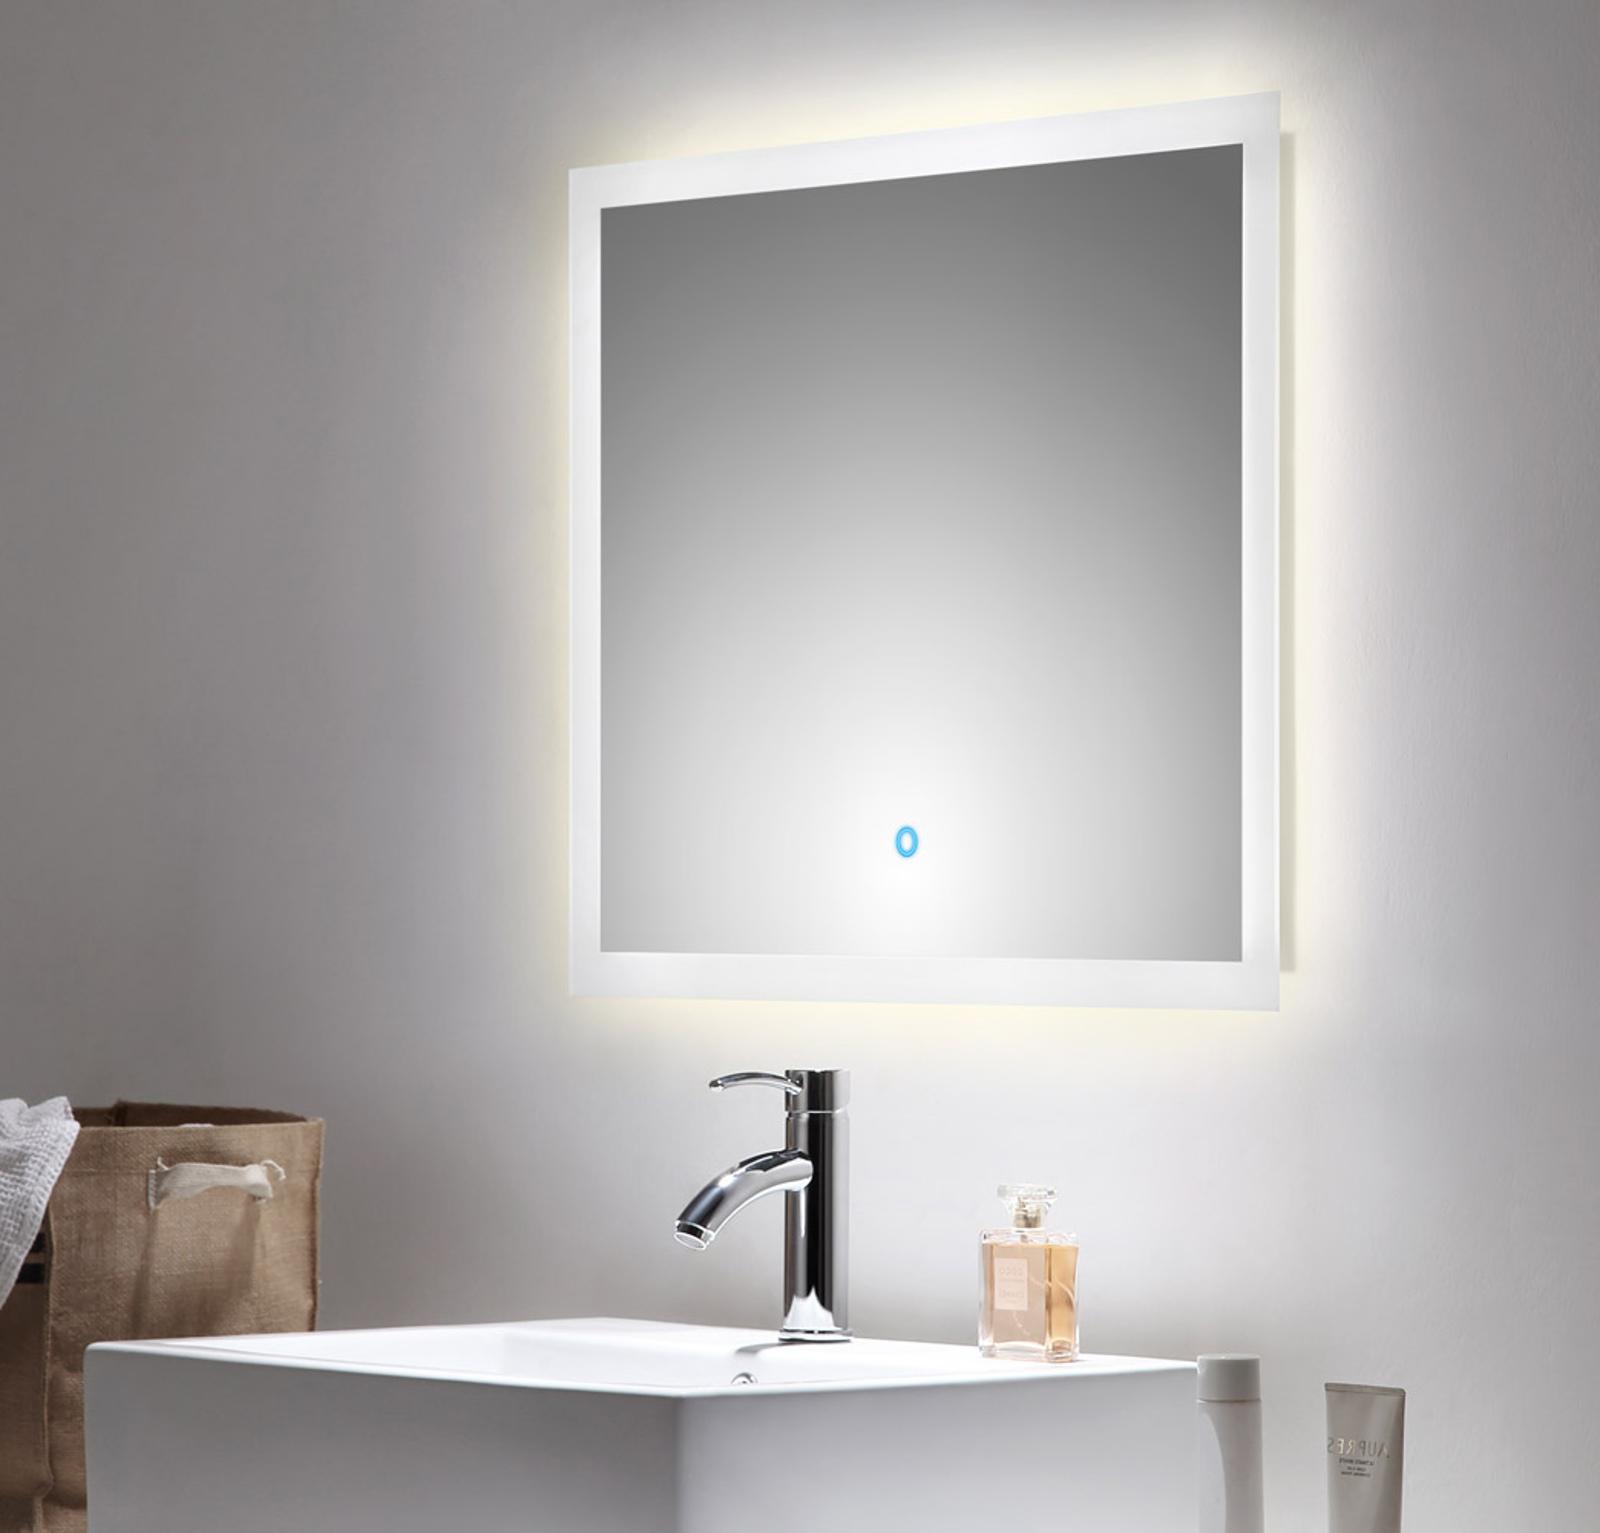 Badspiegel Homeline inkl. LED Beleuchtung mit Touch Bedienung Badezimmer  Spiegel weiß 20 x 20 cm